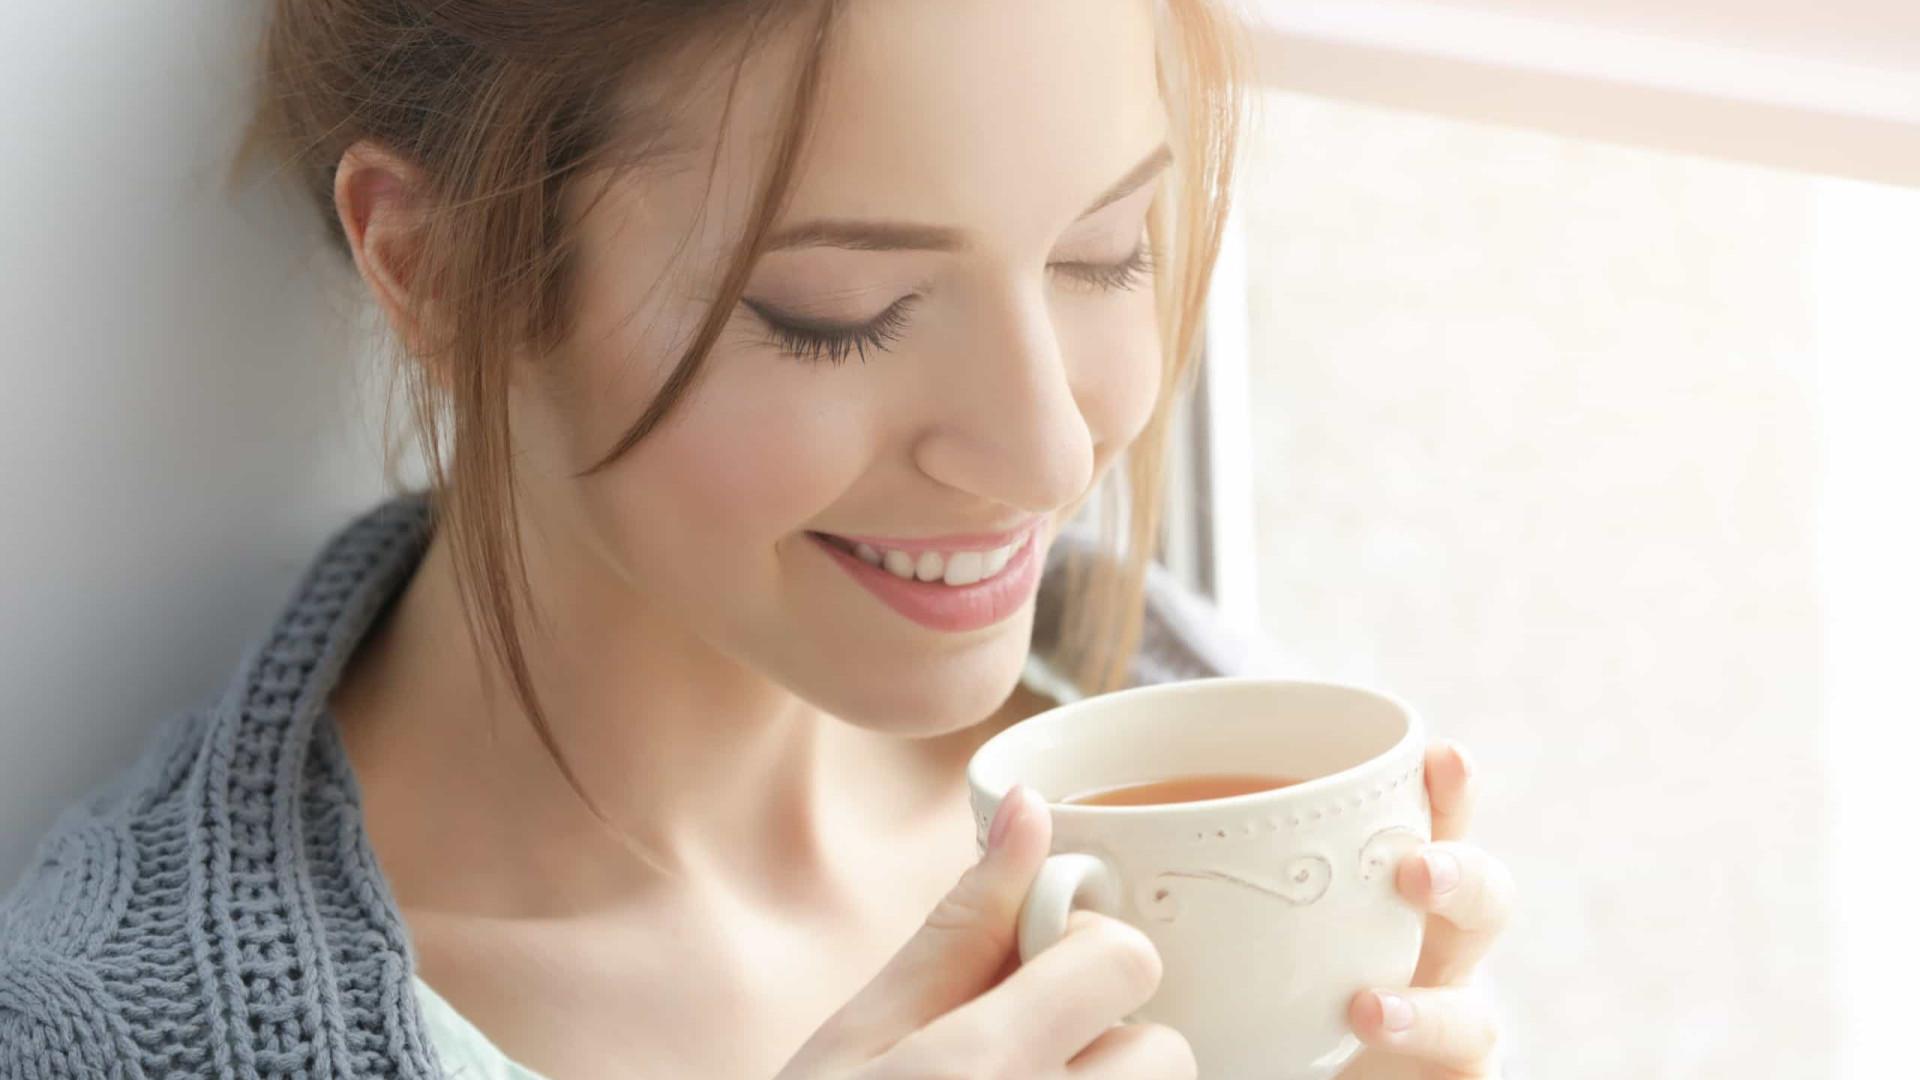 Quatro chás que combatem a insônia, ansiedade e nervos. Relaxe